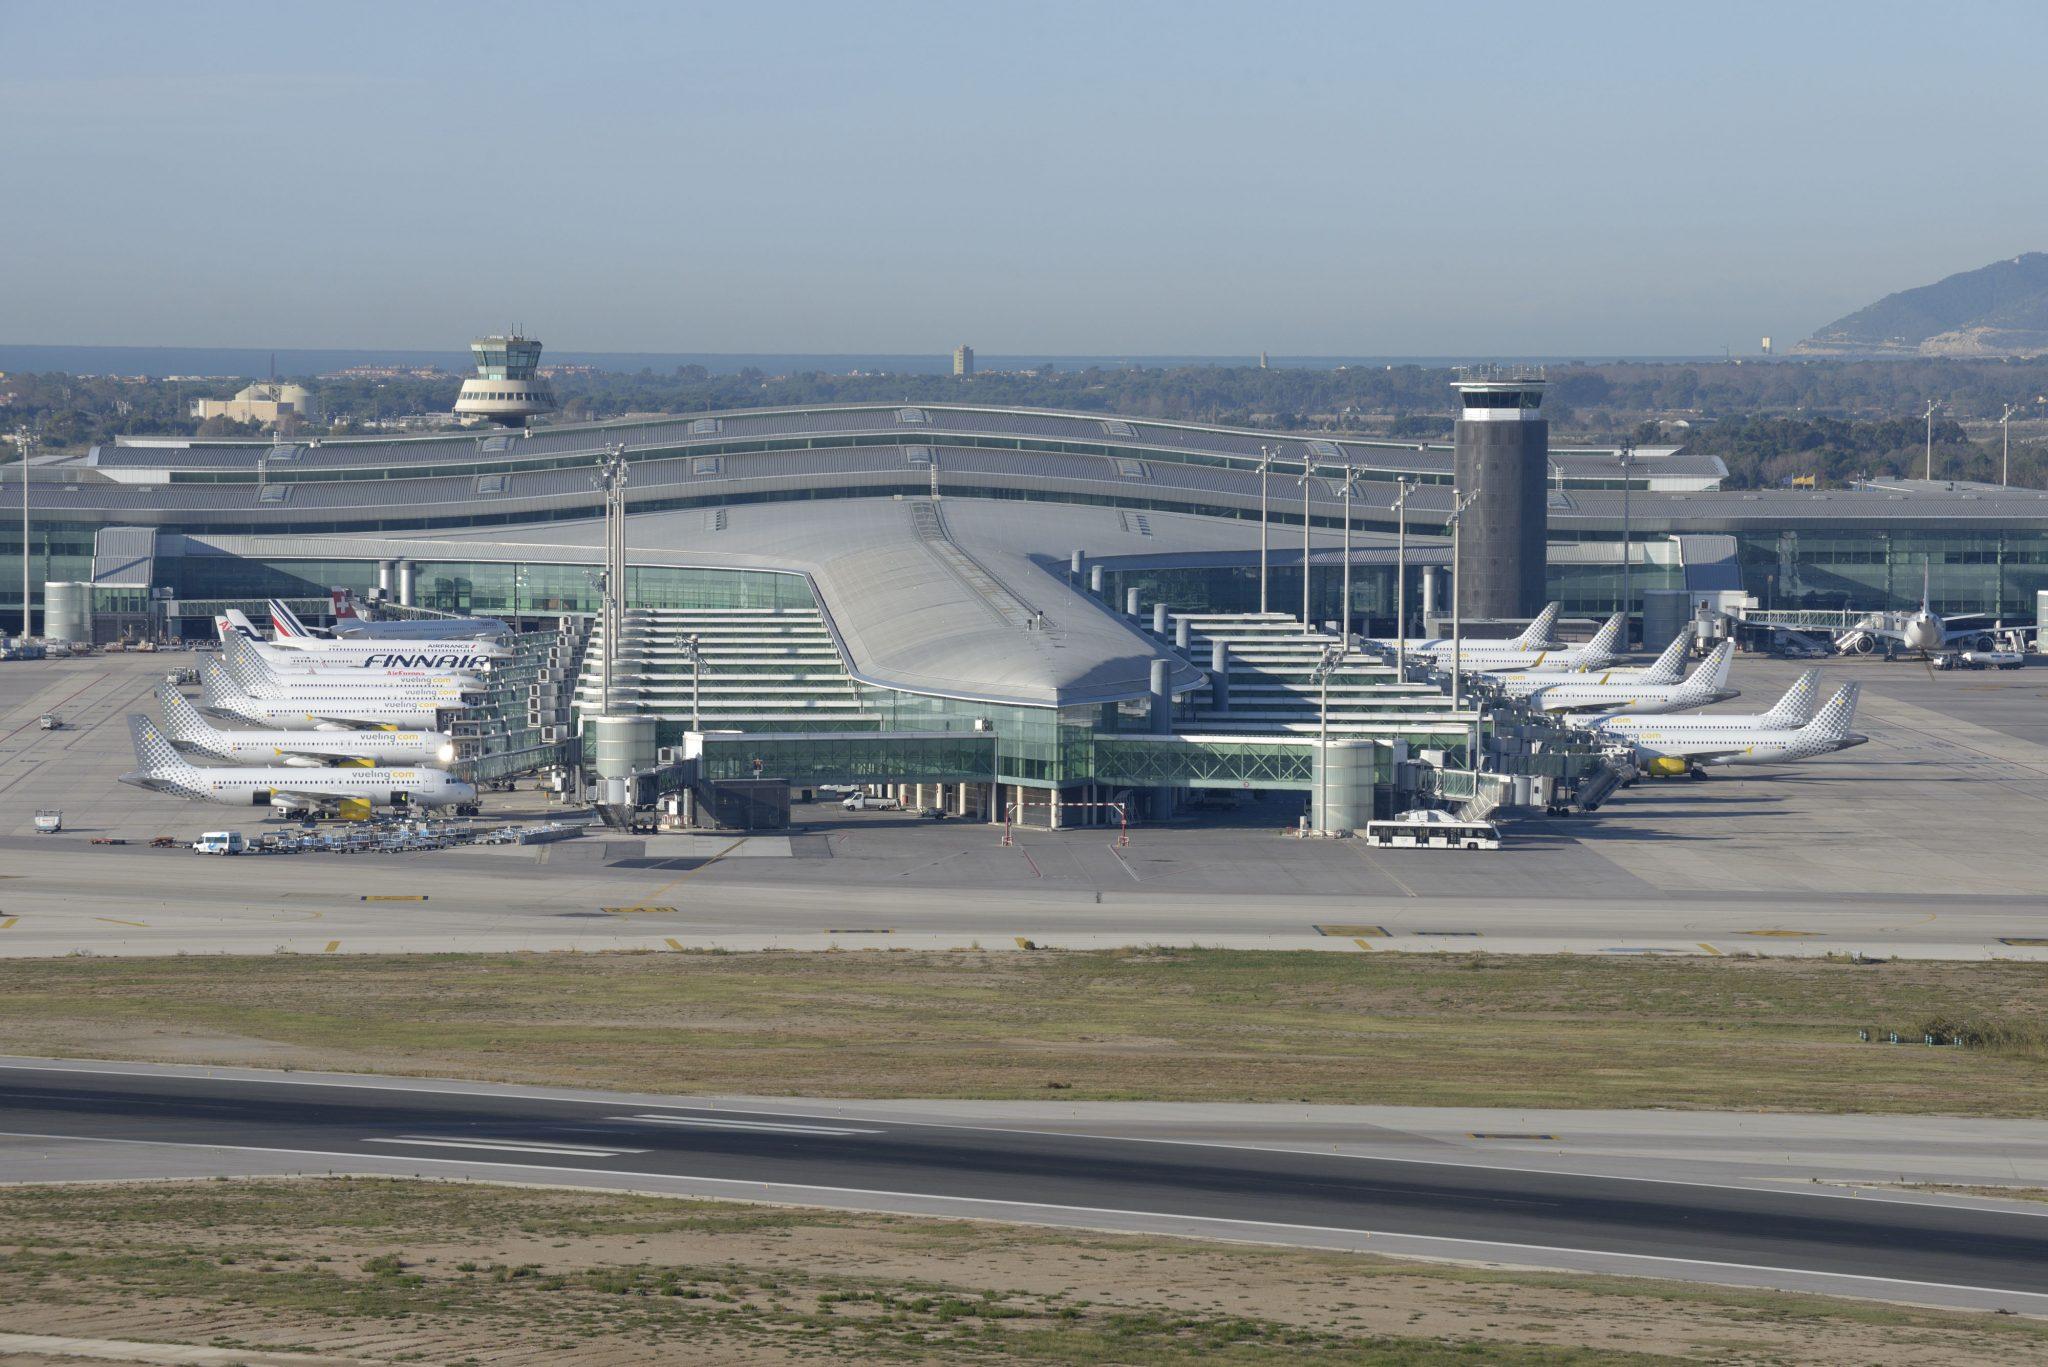 Agencia europea de seguridad aérea constata mejoras en el Aeropuerto del Prat